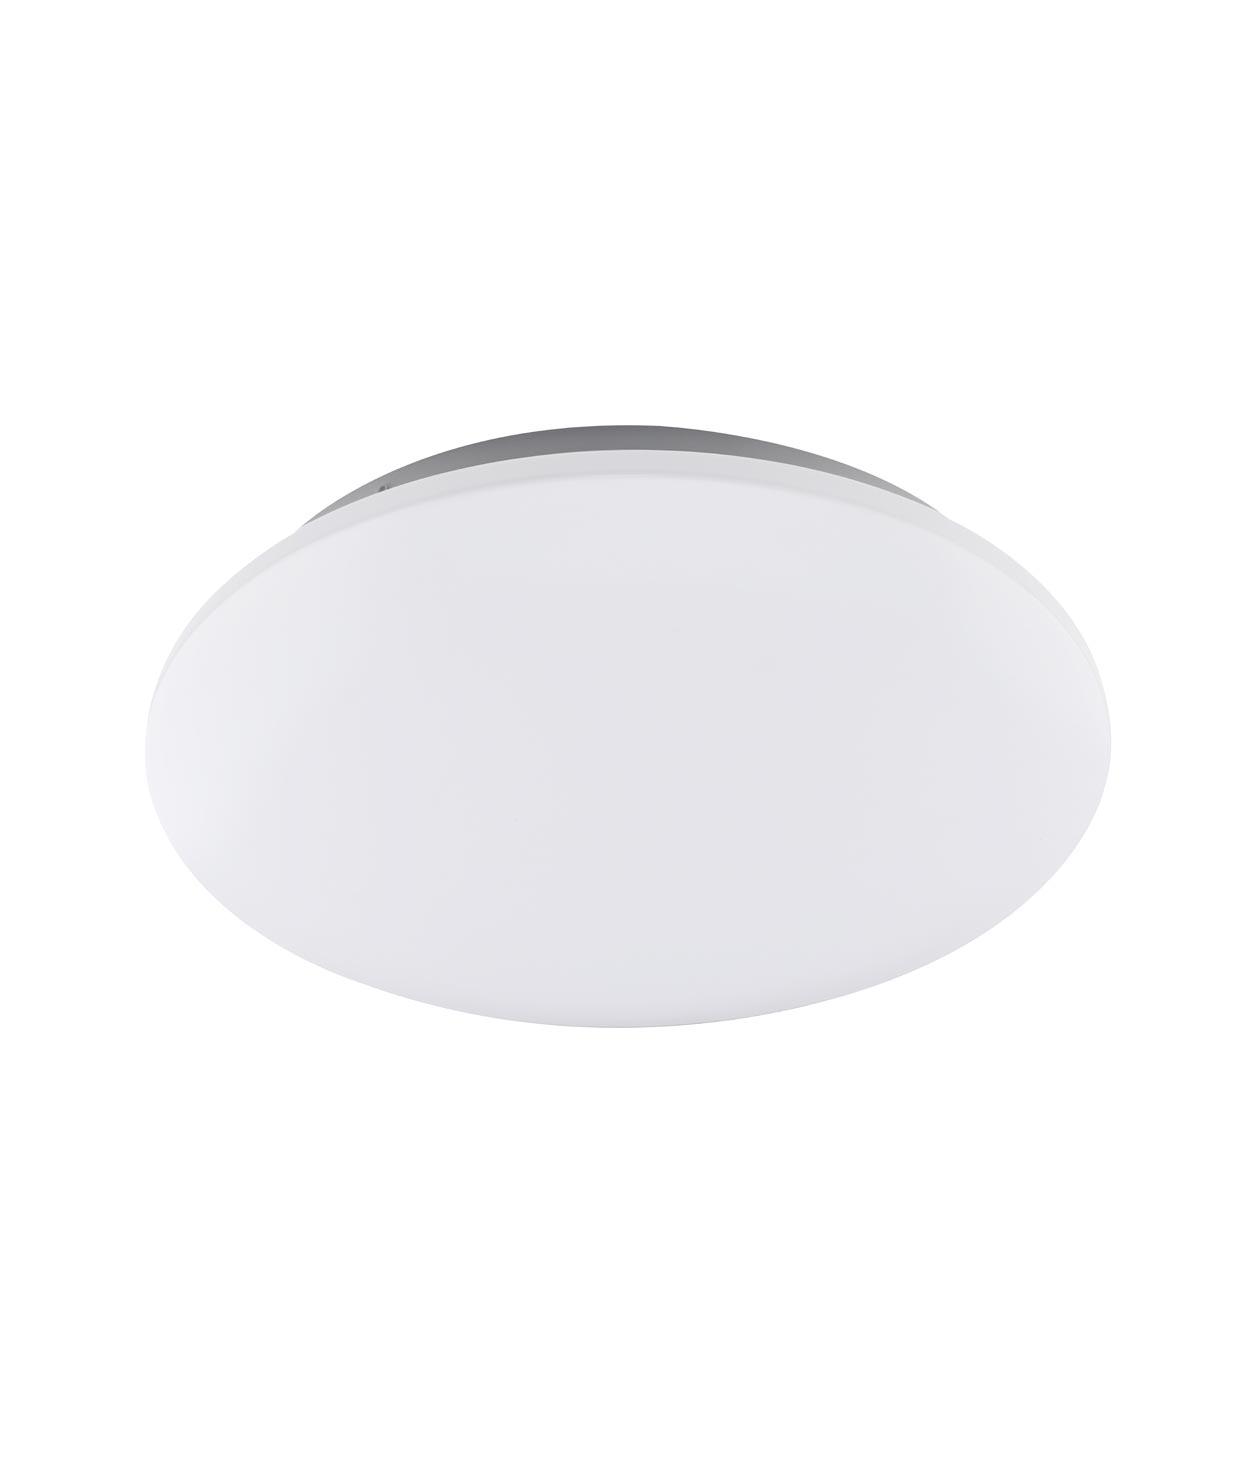 Plafón grande luz fría LED ZERO II